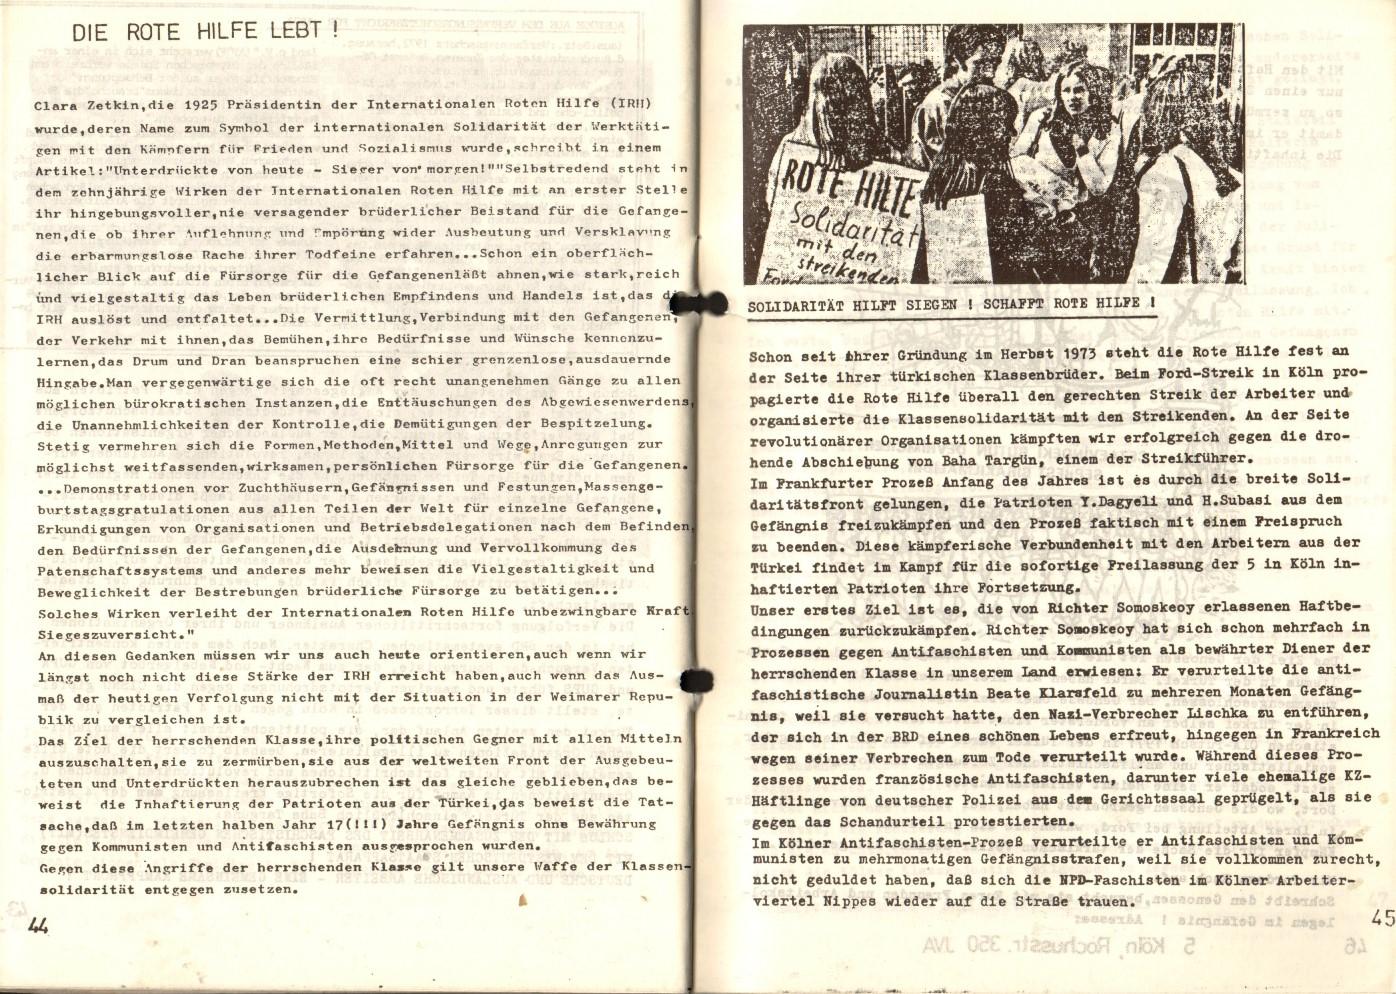 NRW_Rote_Hilfe_1975_Sofortige_Freilassung_der_tuerkischen_Patrioten_24